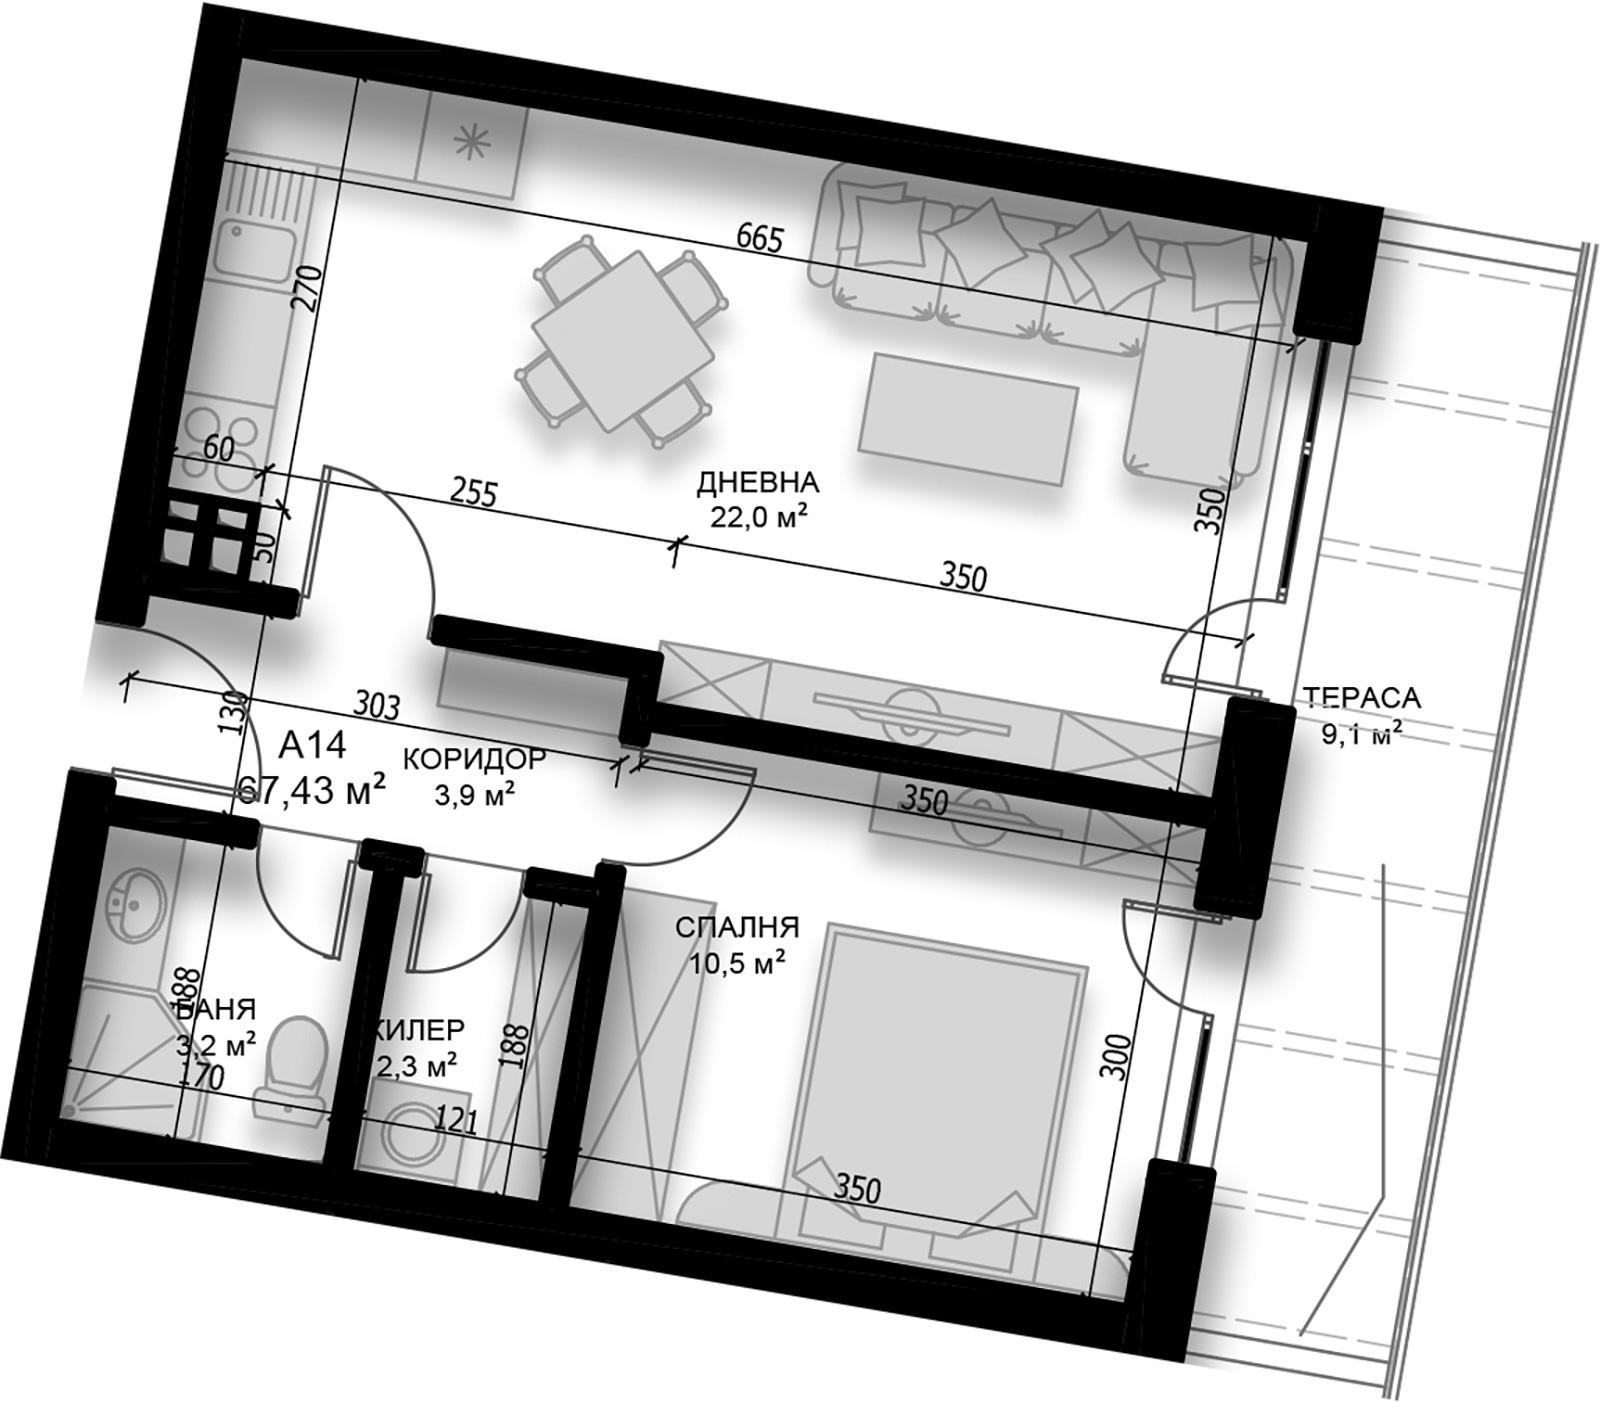 Апартамент 14